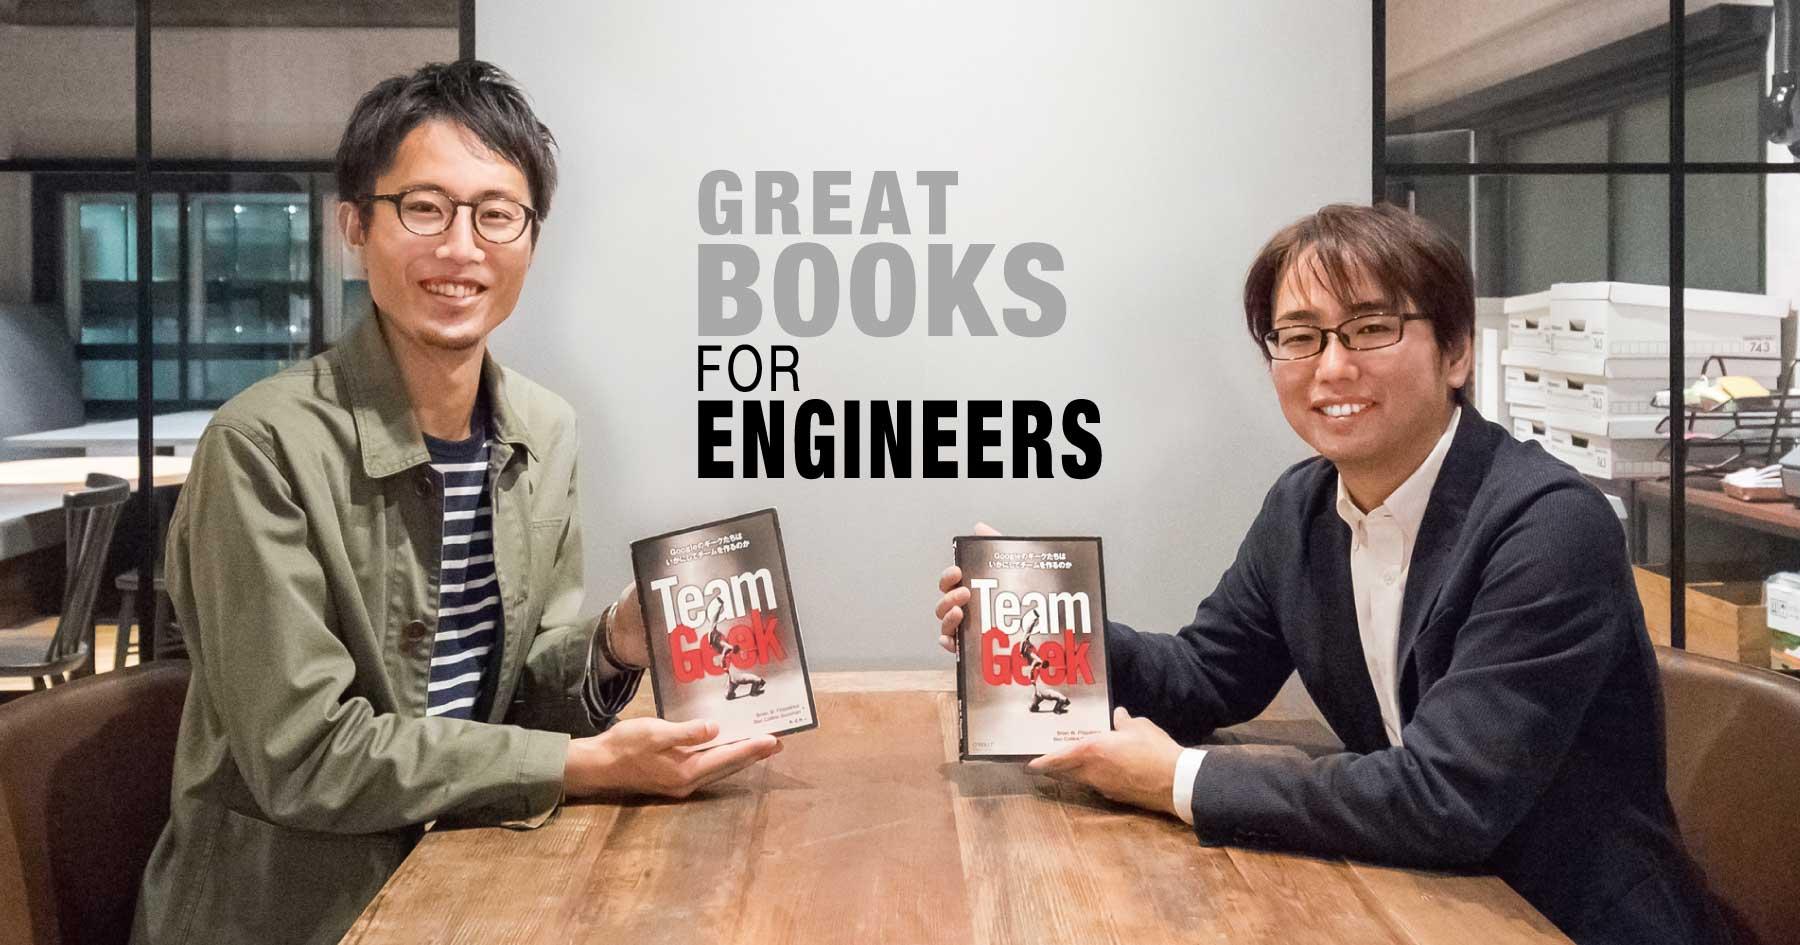 天才でなくていい!『Team Geek』訳者・角 征典と考える、チームに貢献するエンジニアの気配り力 - エンジニアHub|若手Webエンジニアのキャリアを考える!